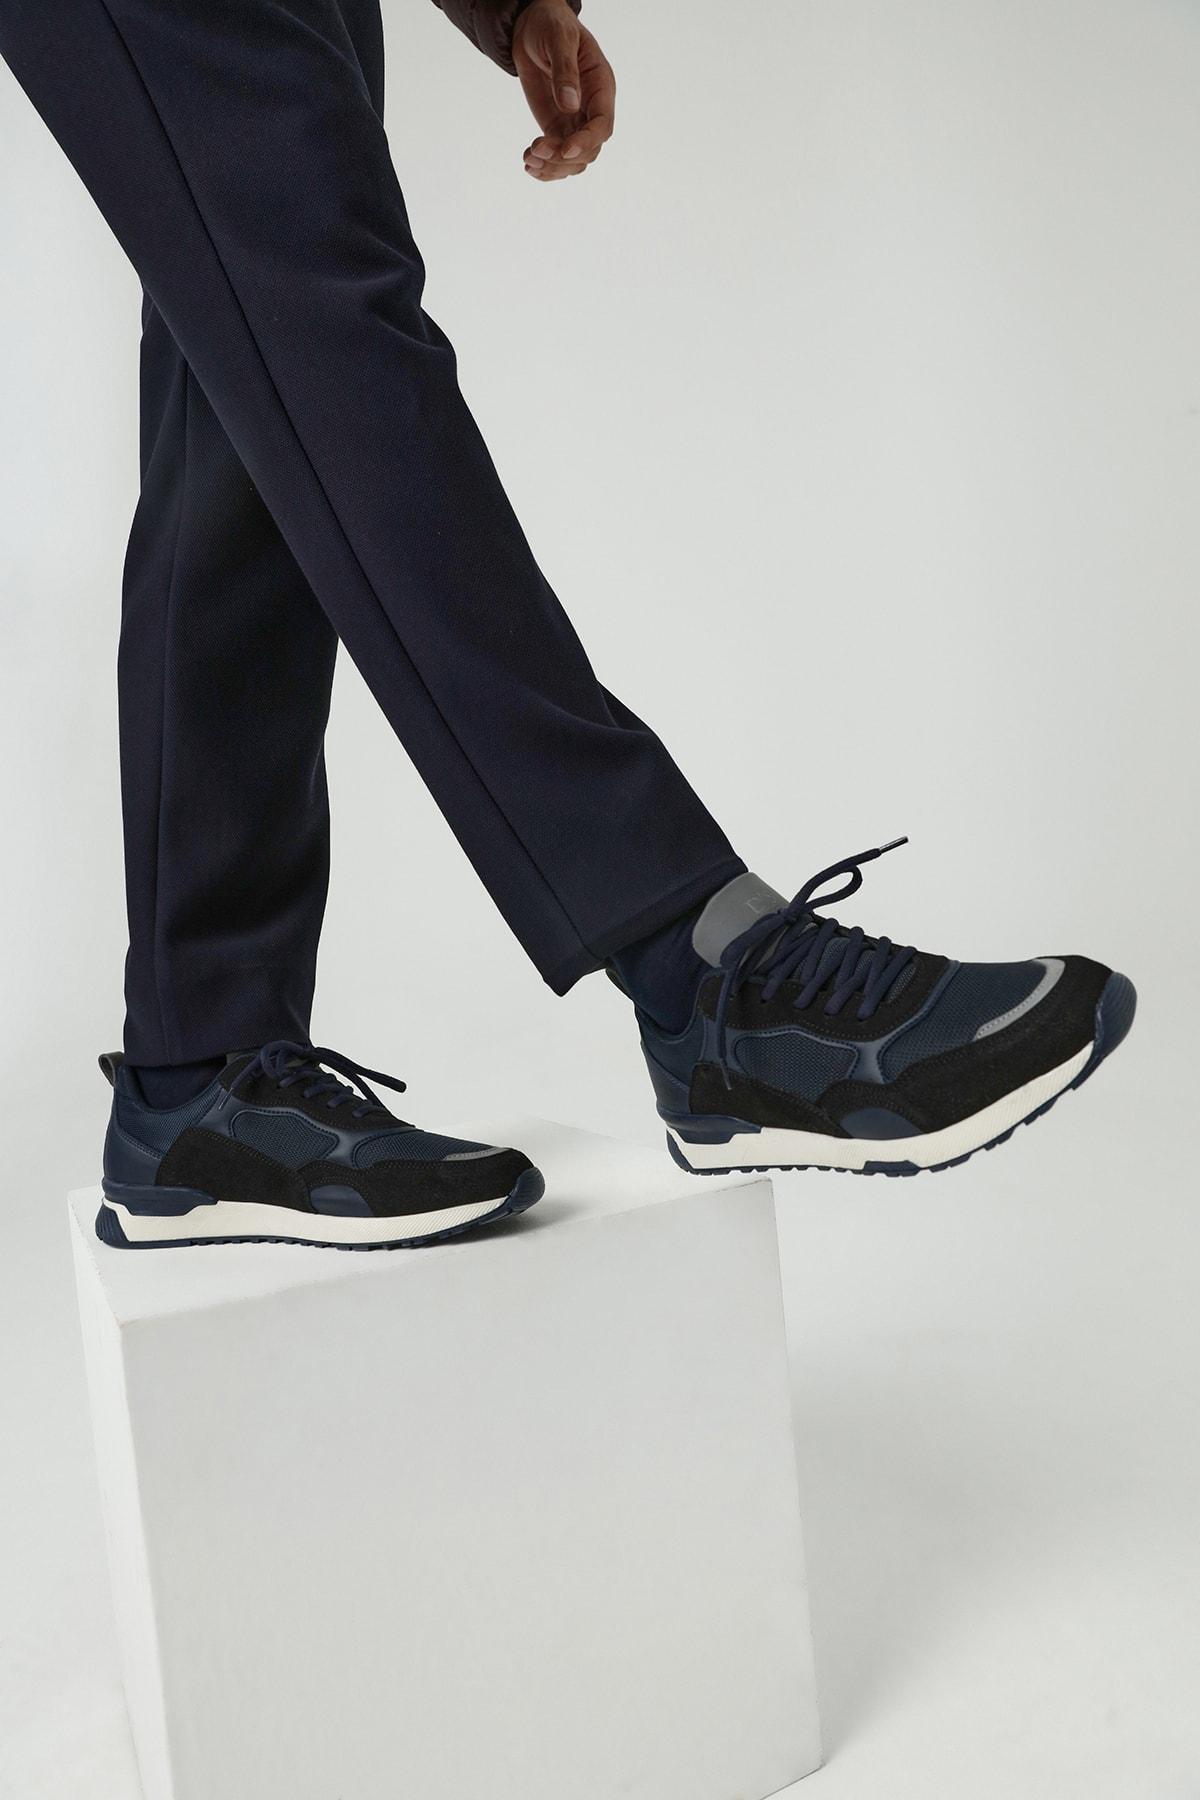 Twn Erkek Ayakkabı Lacivert Renk 1